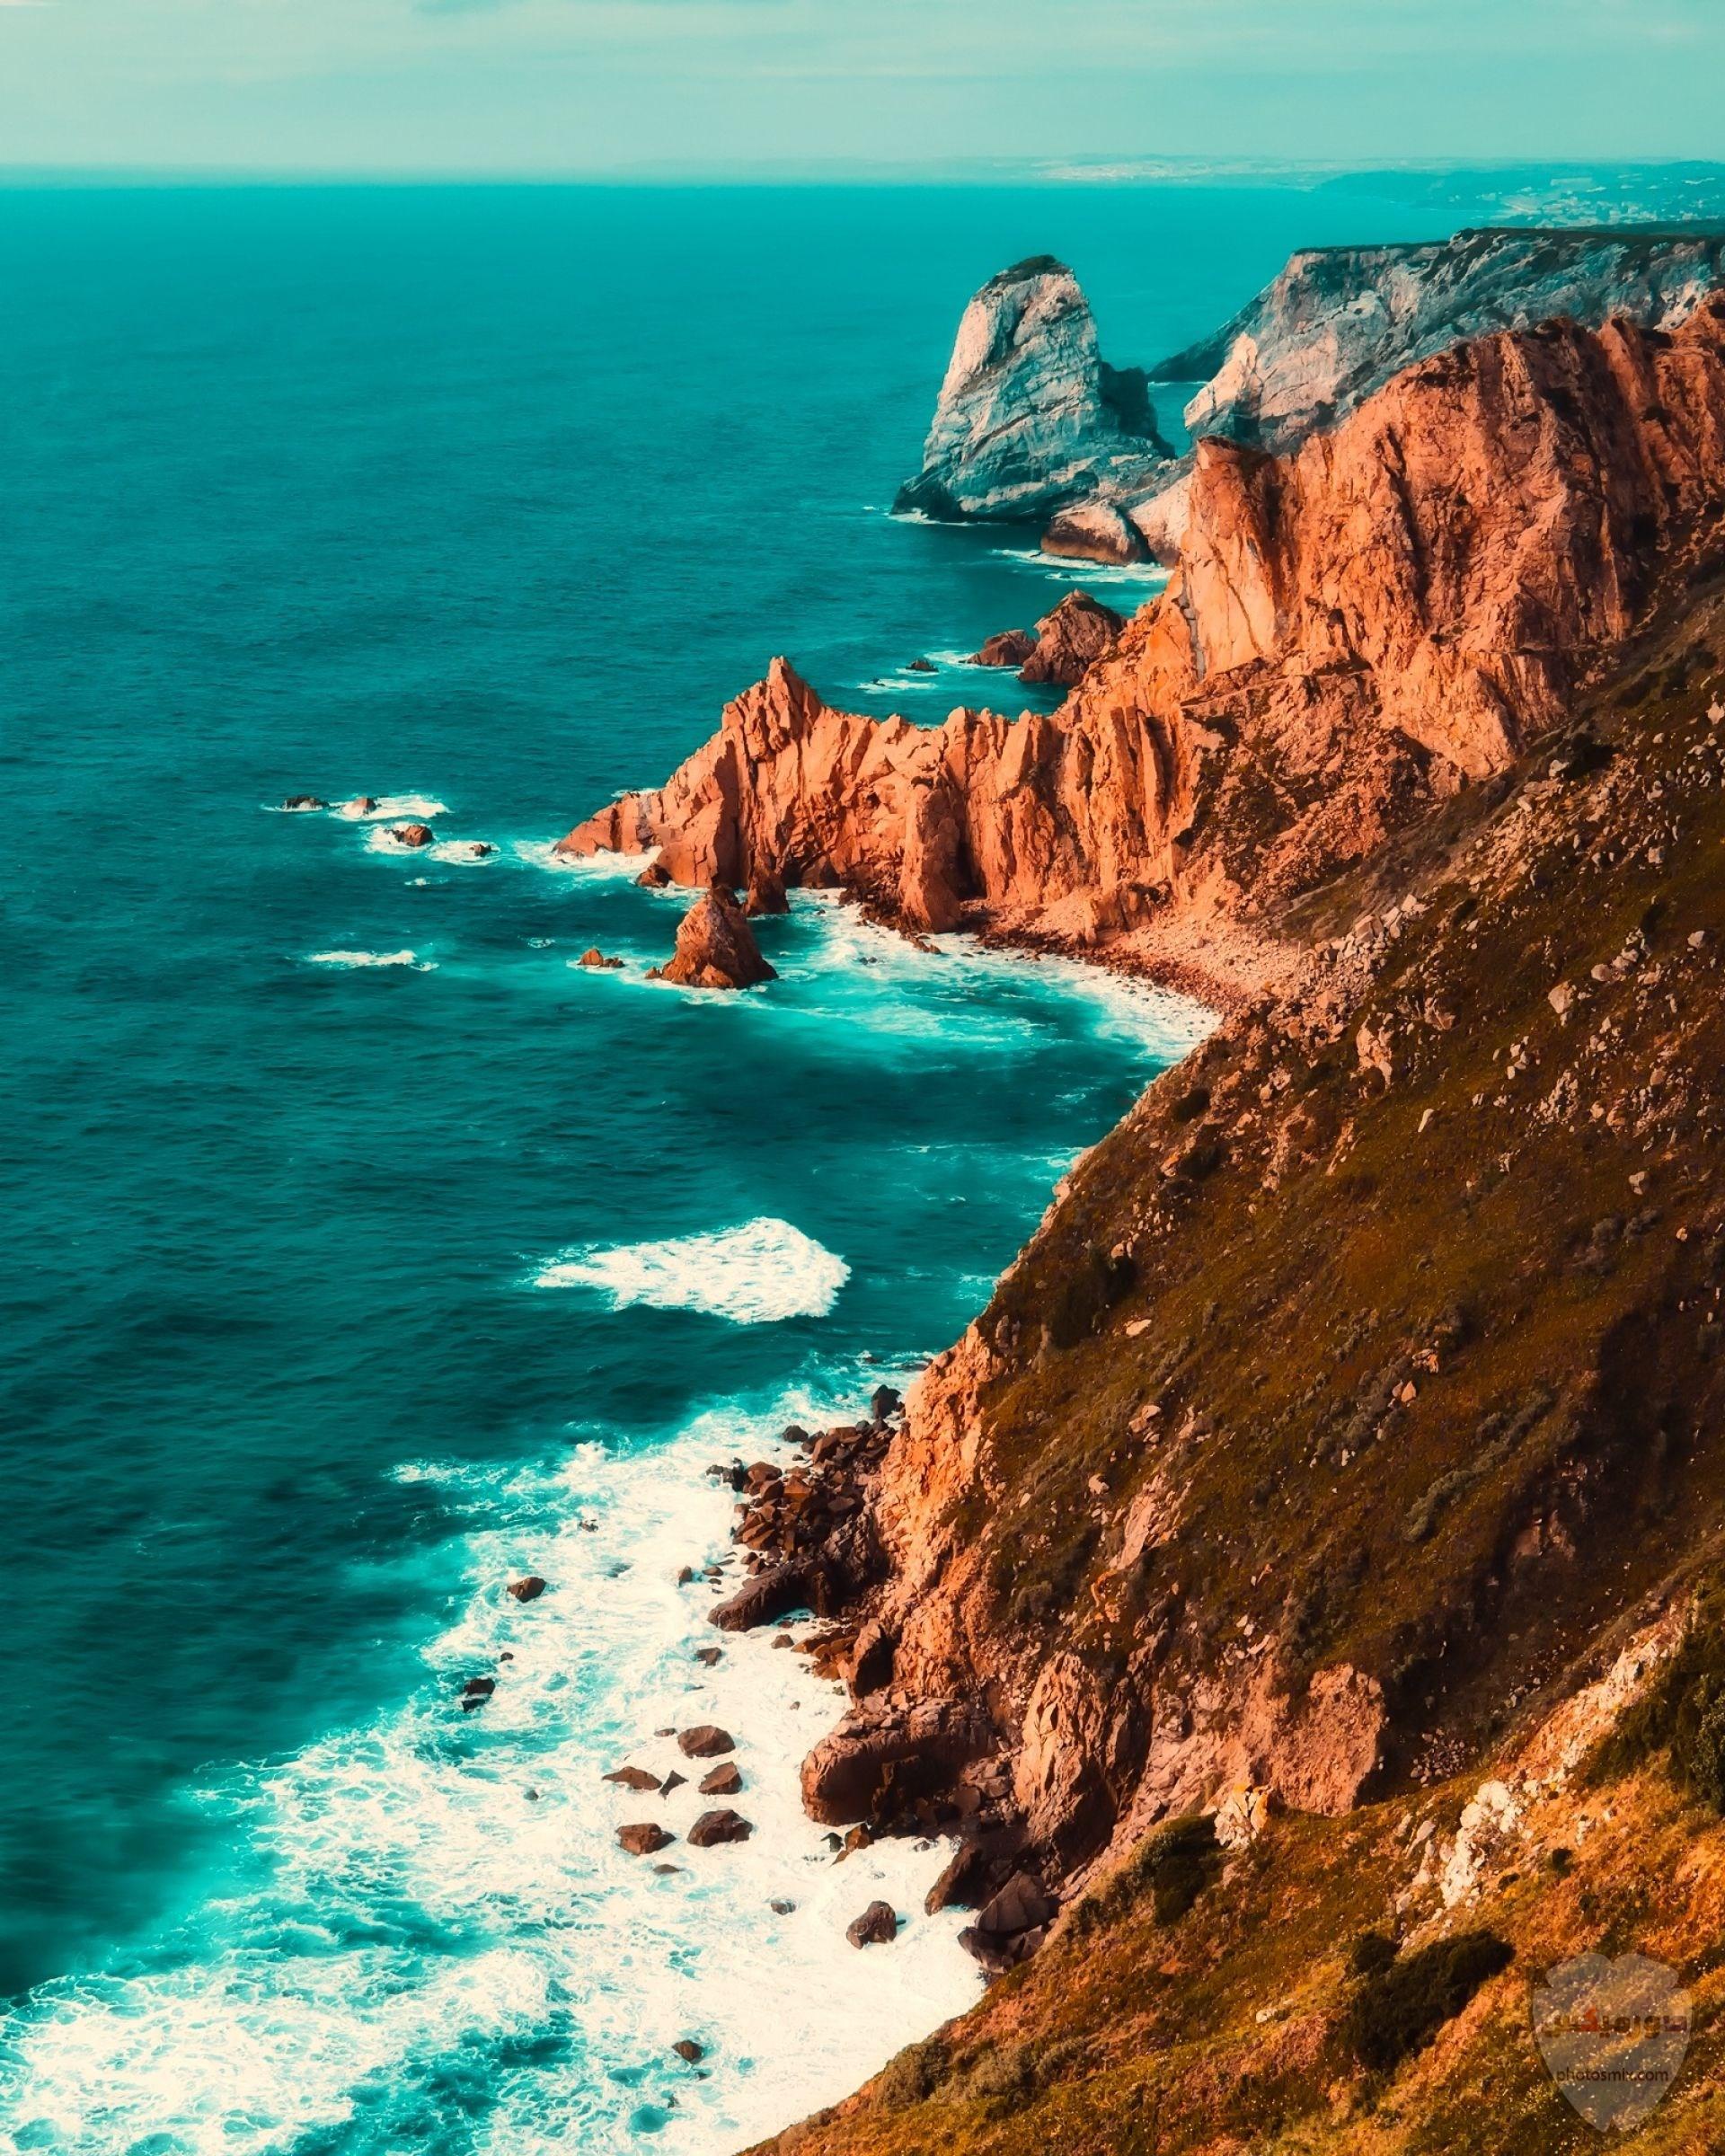 صور بحر وشاطئ صور وخلفيات بحور وشواطئ جميلة اجمل خلفيات بحار جودة عالية 25